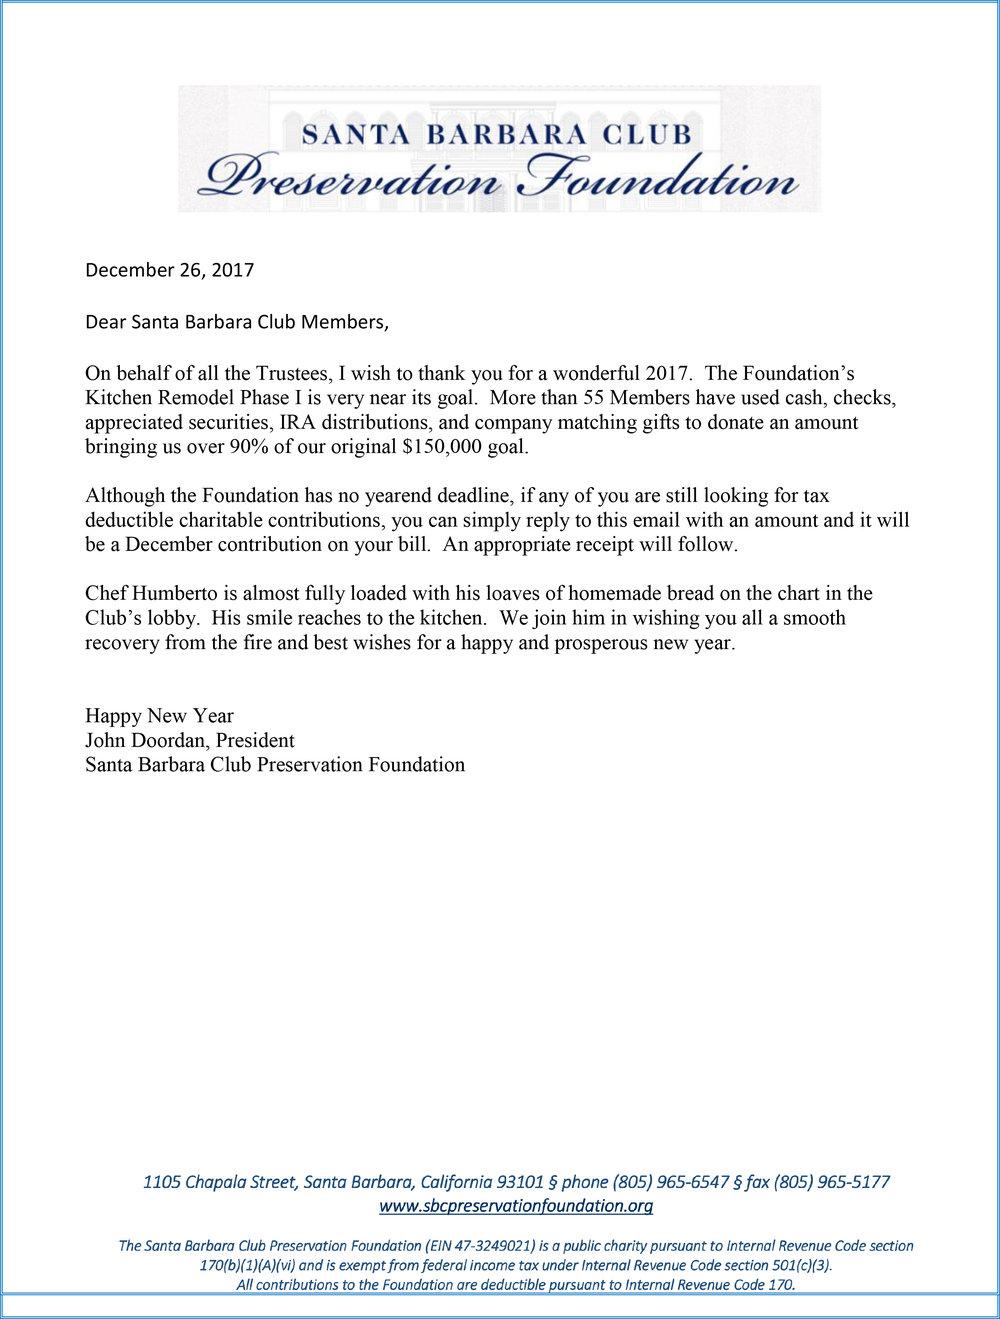 SBCPF Message from Foundation President John Doordan December 2017.jpg